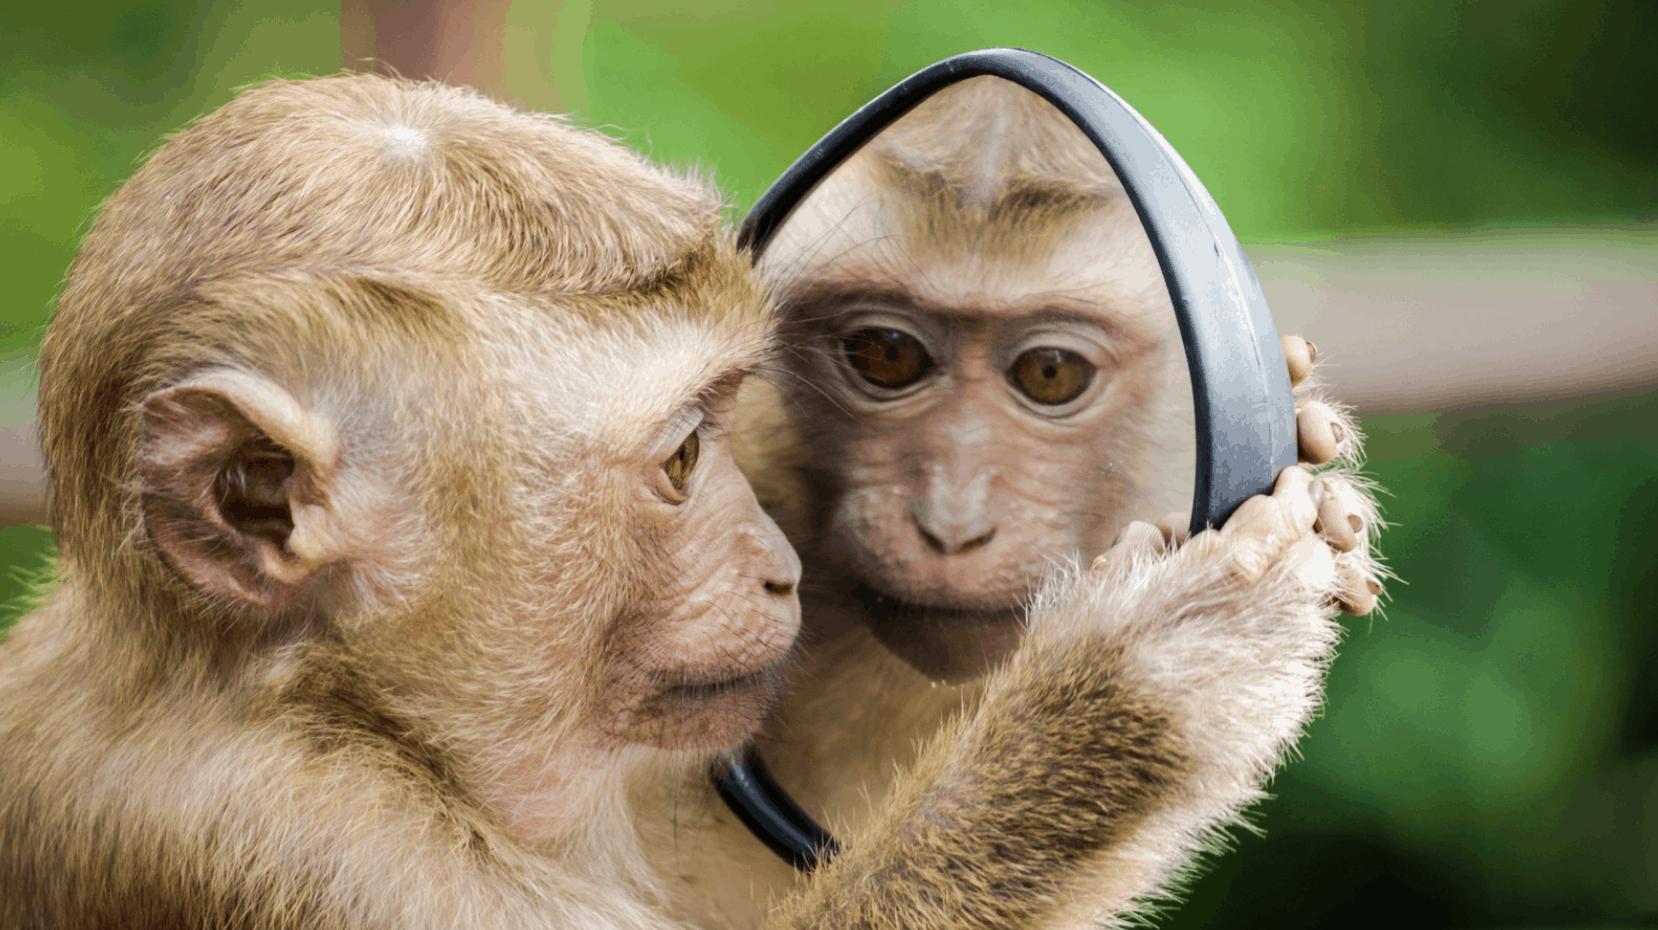 ein Affe sieht in einen Spiegel und erblickt sein Spiegelbild